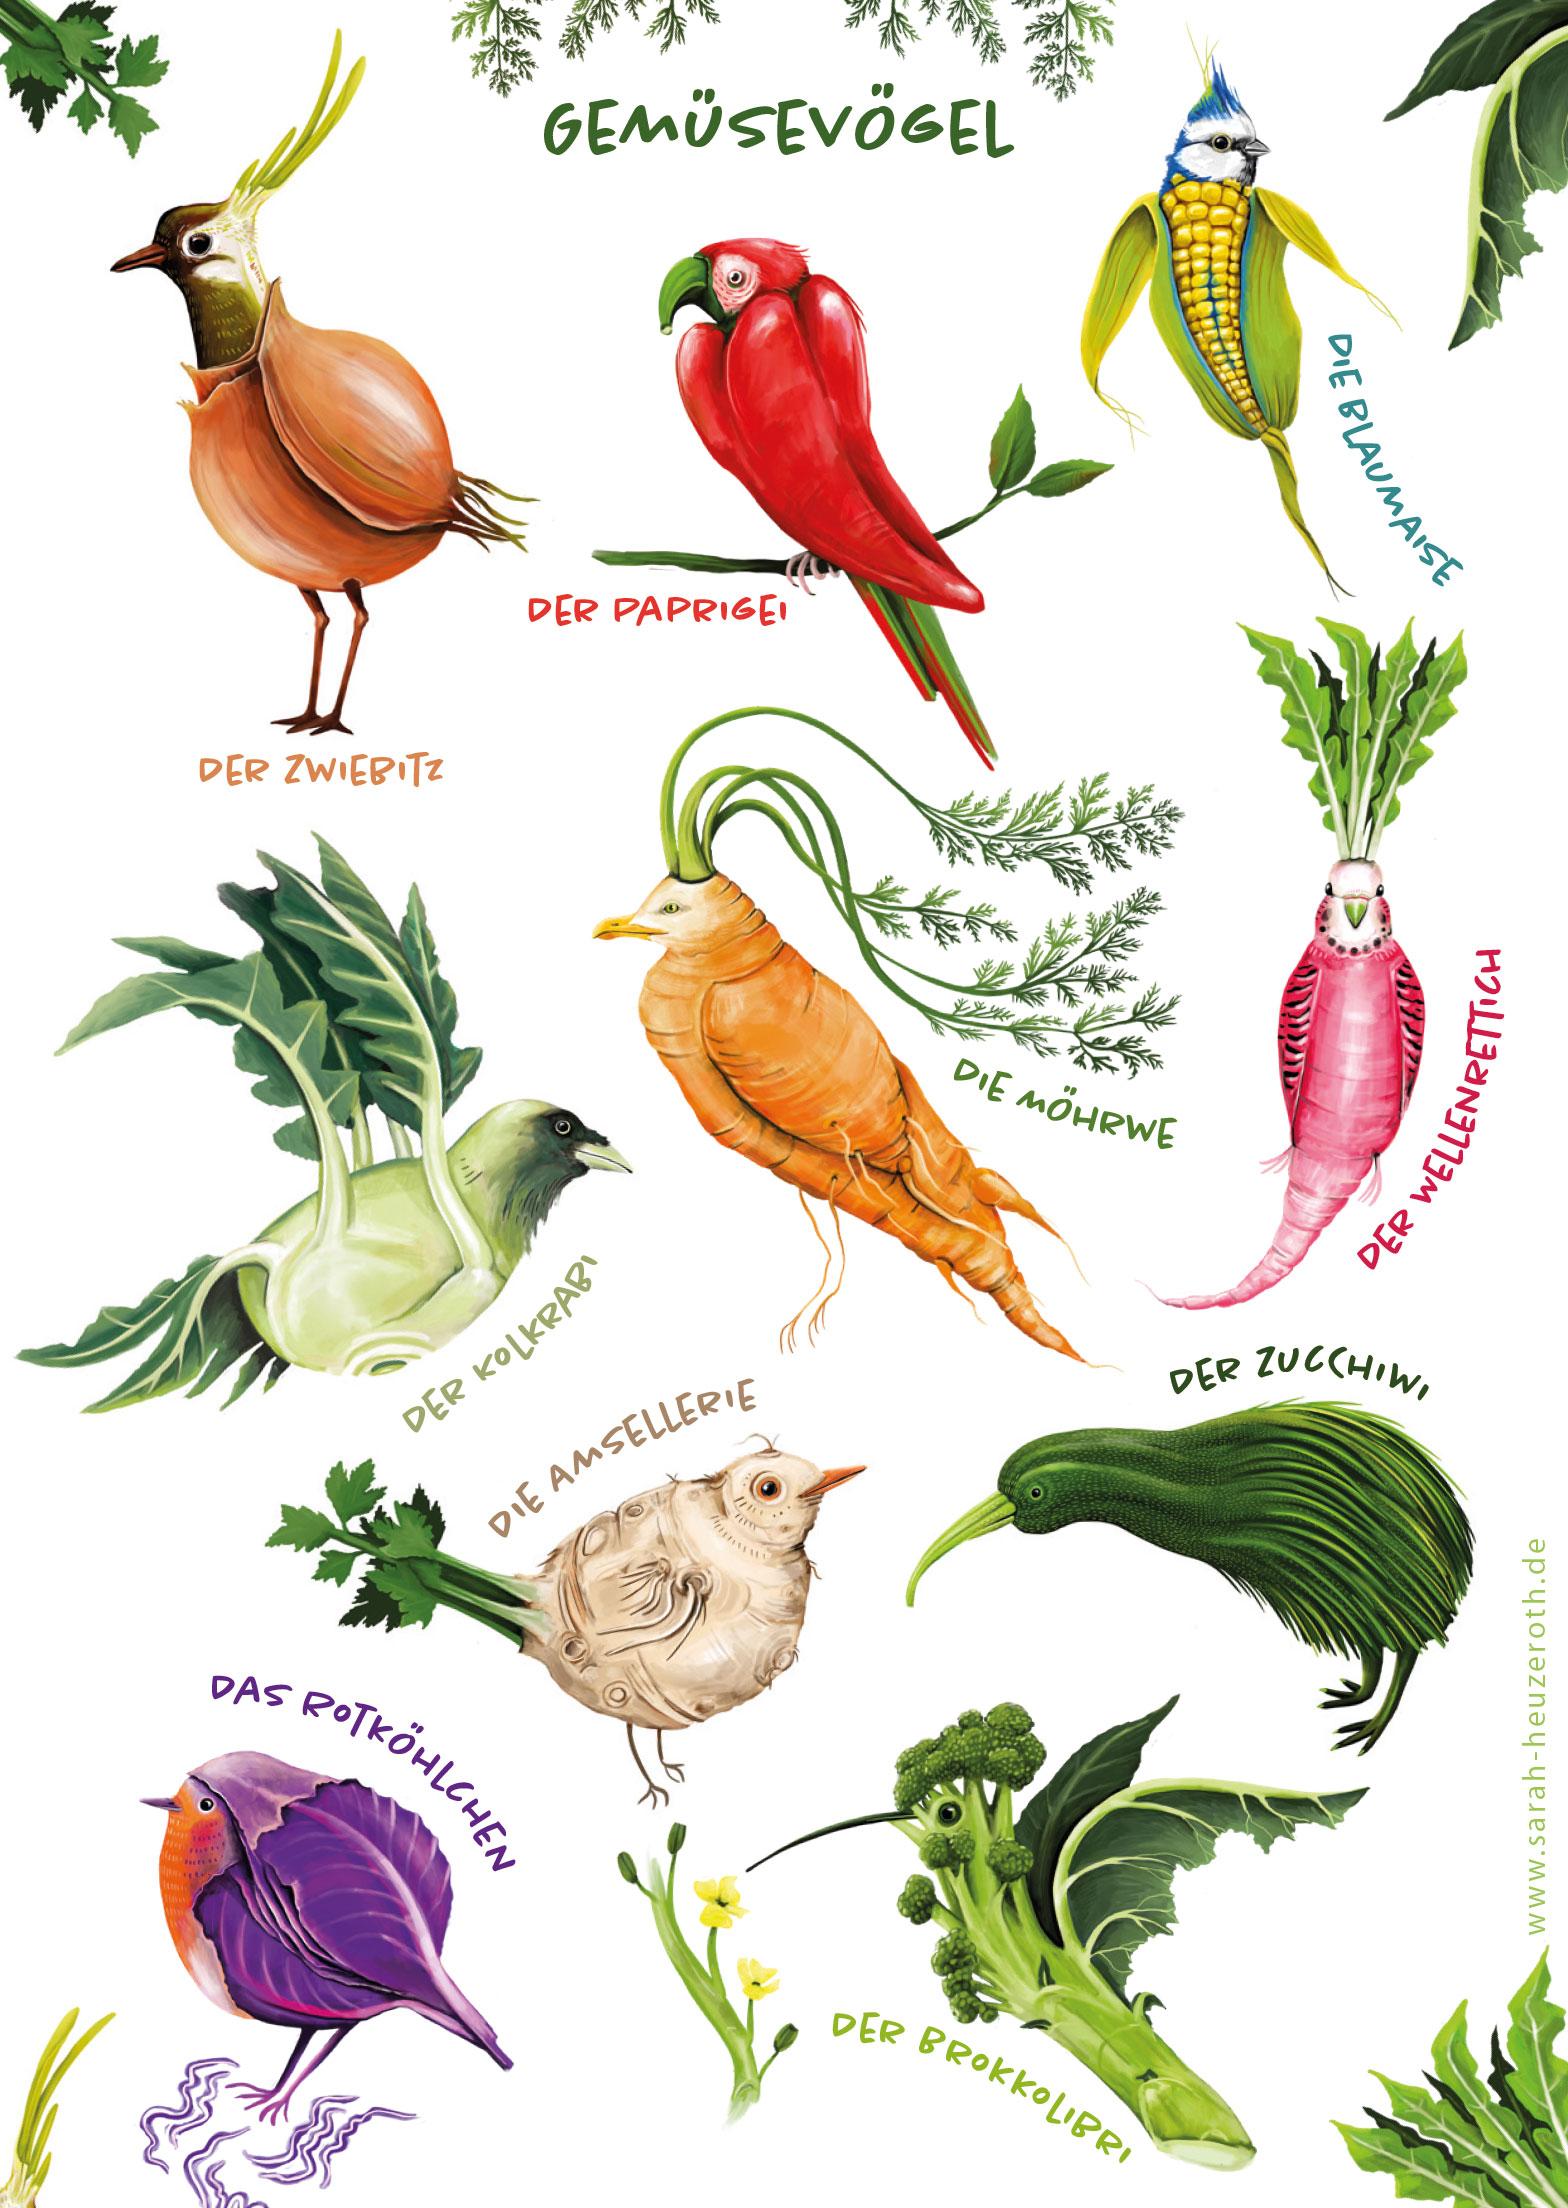 vogelposter-alle_200224